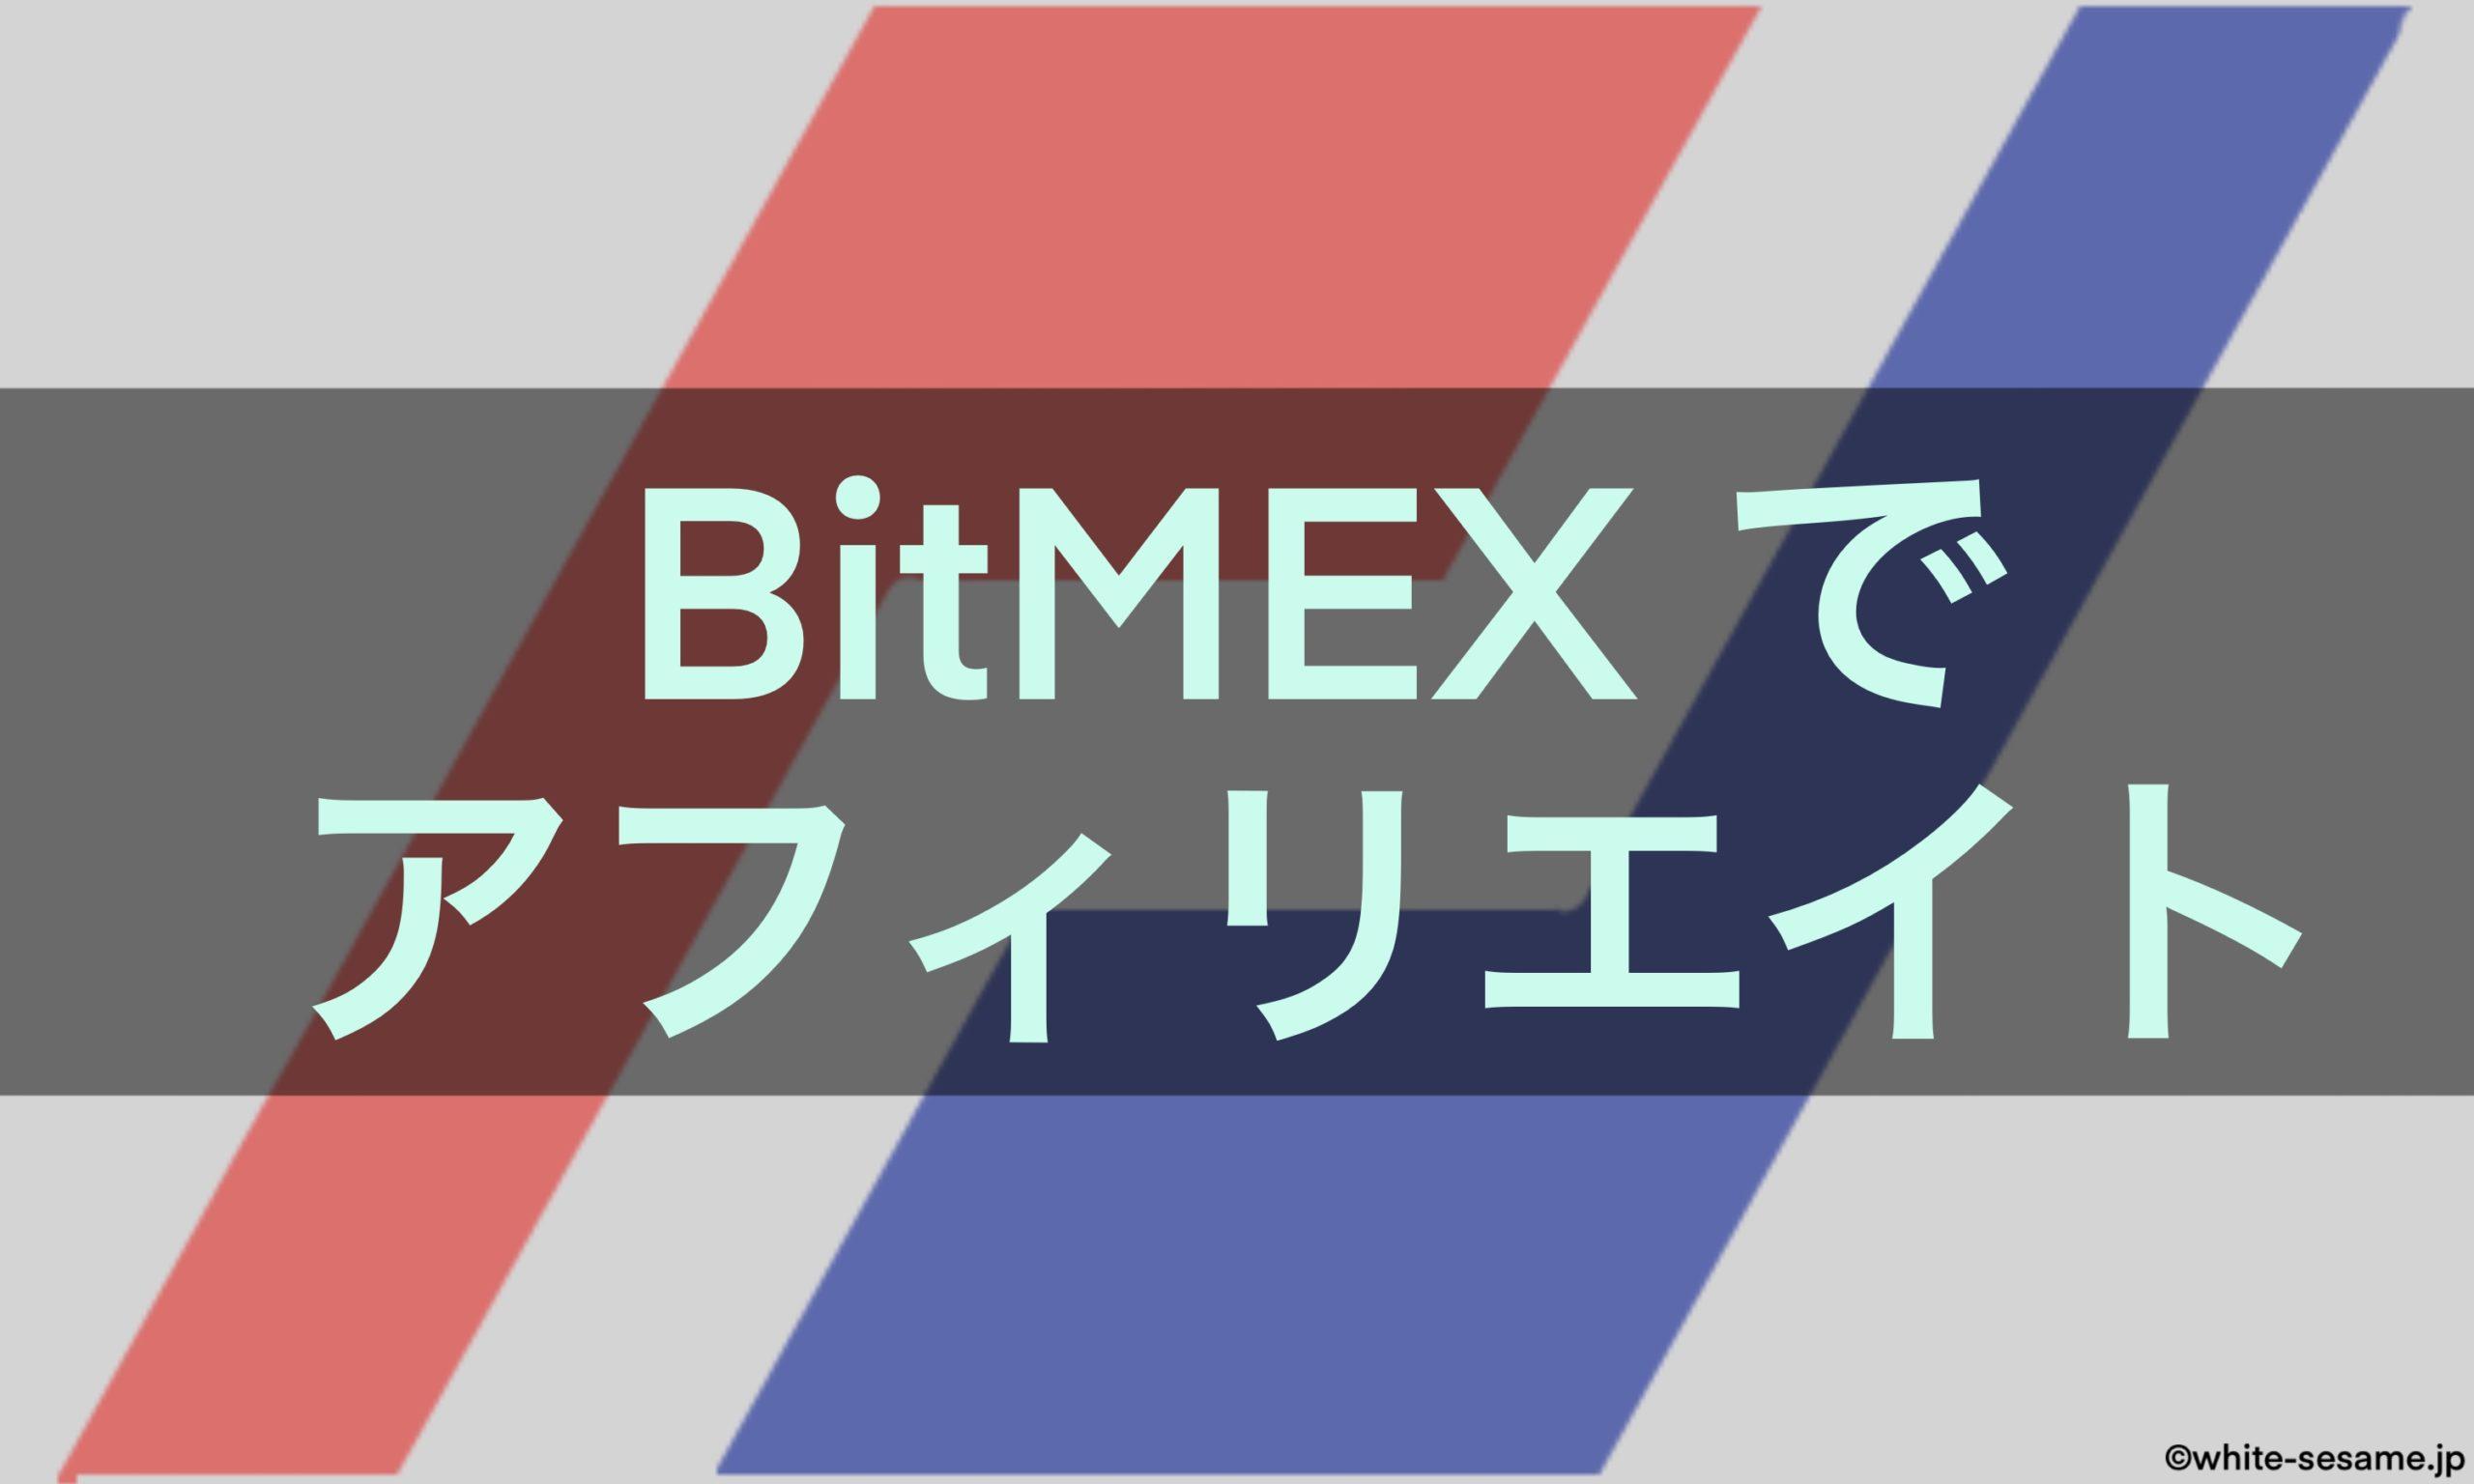 BitMEXアフィリエイト